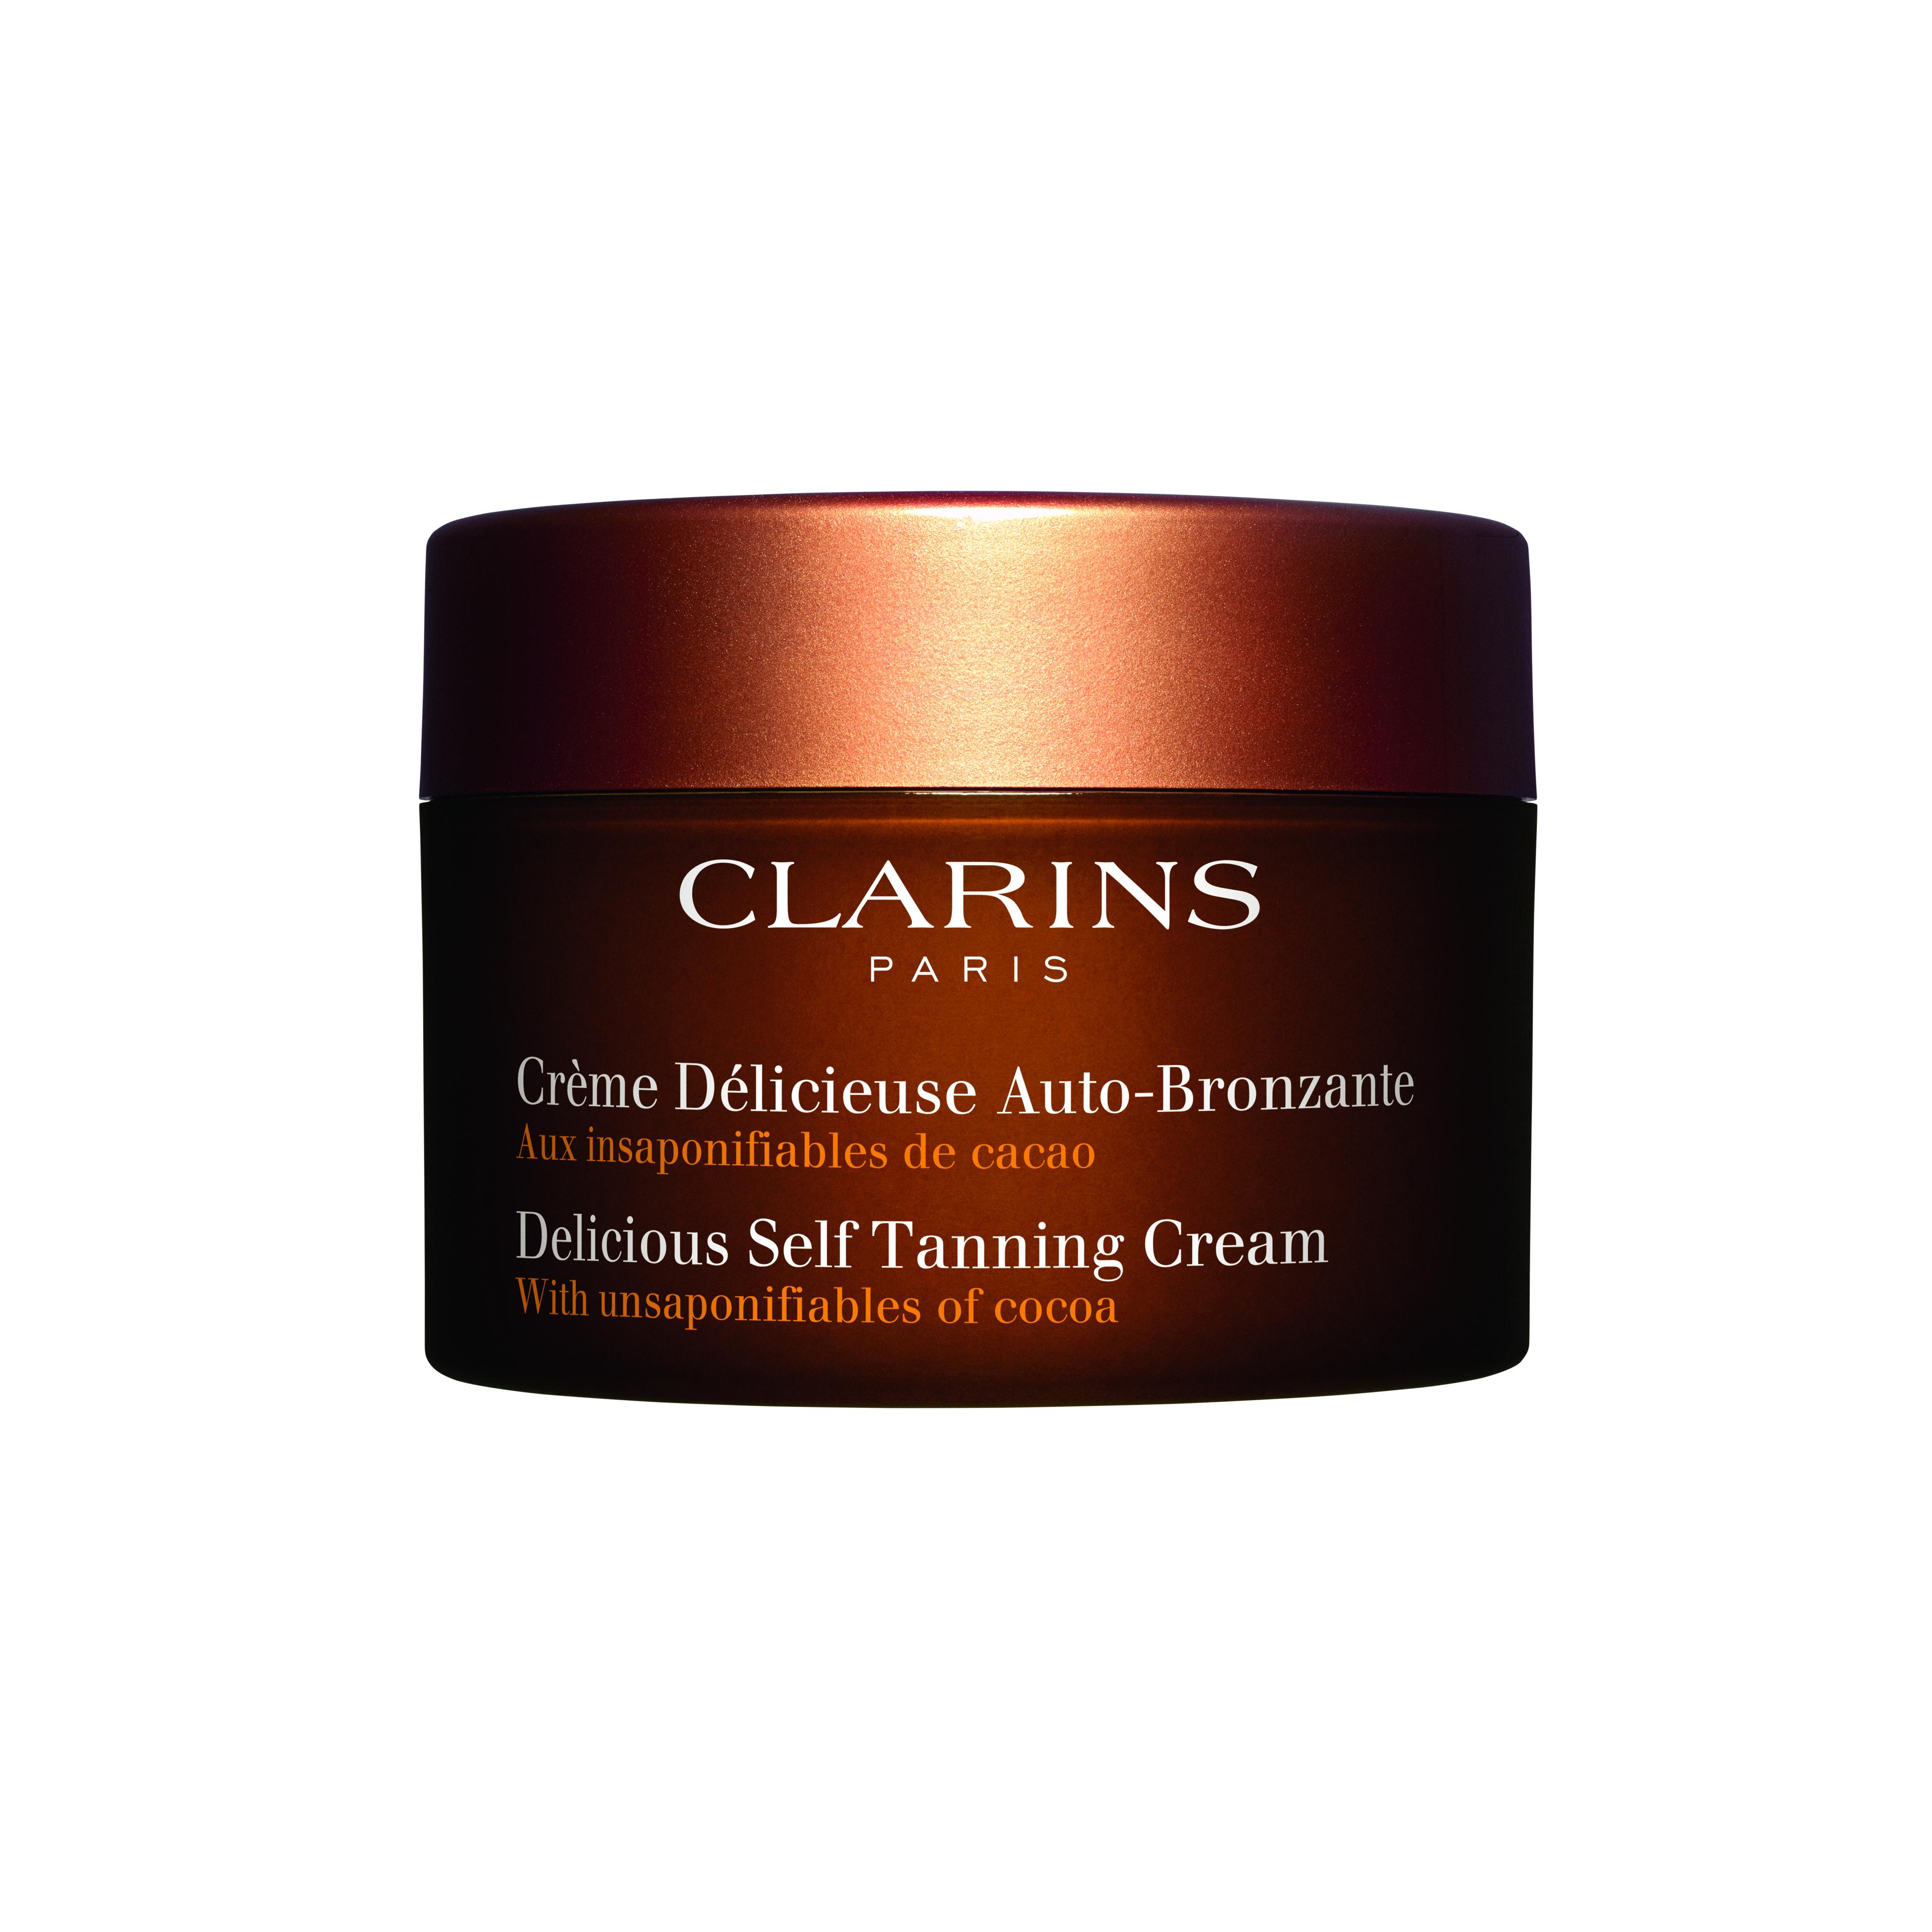 Delicious Self Tanning Cream 150ml